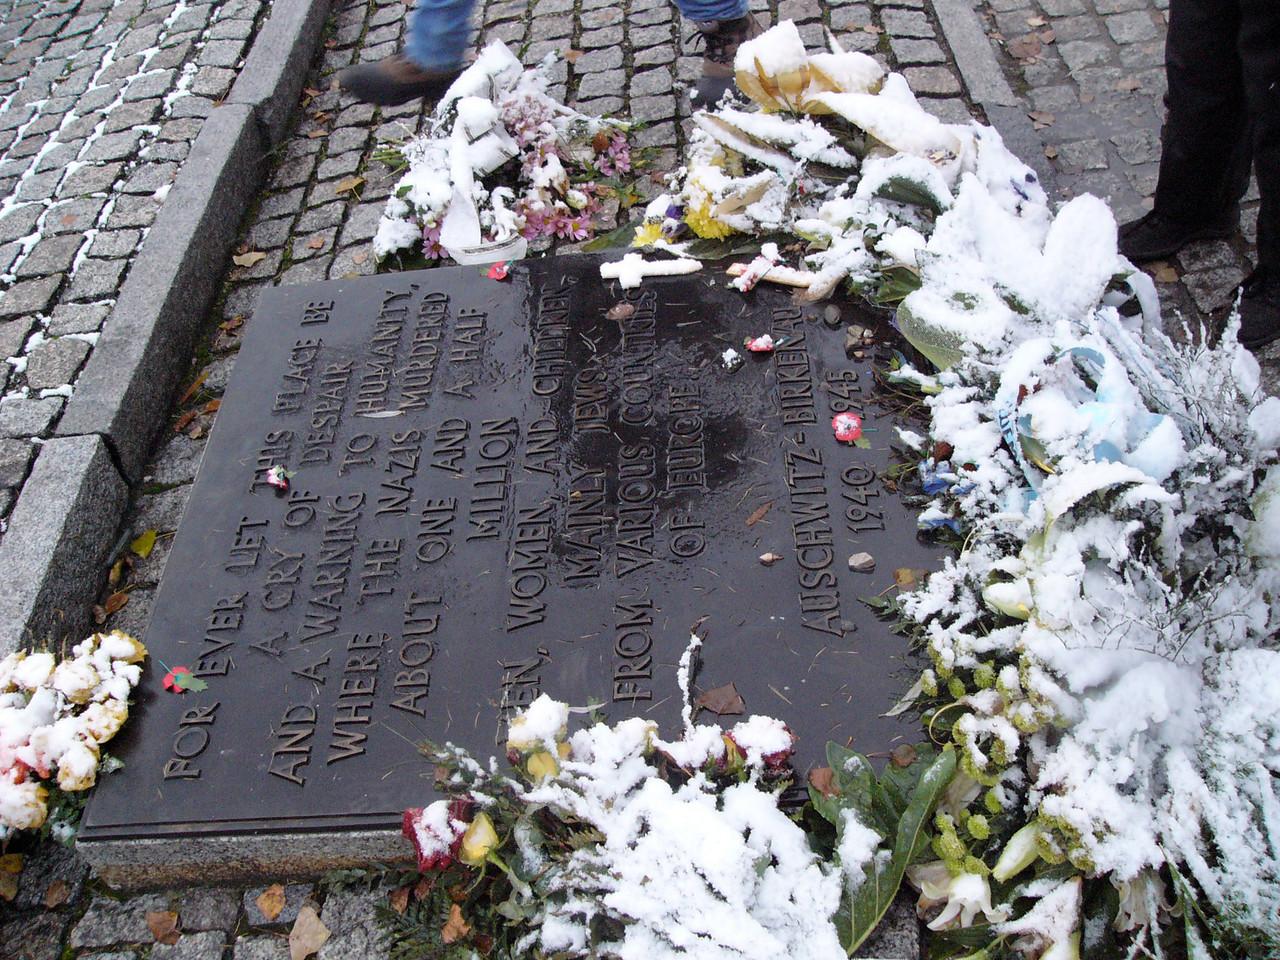 Memorial plaque at Camp 2, Auschwitz